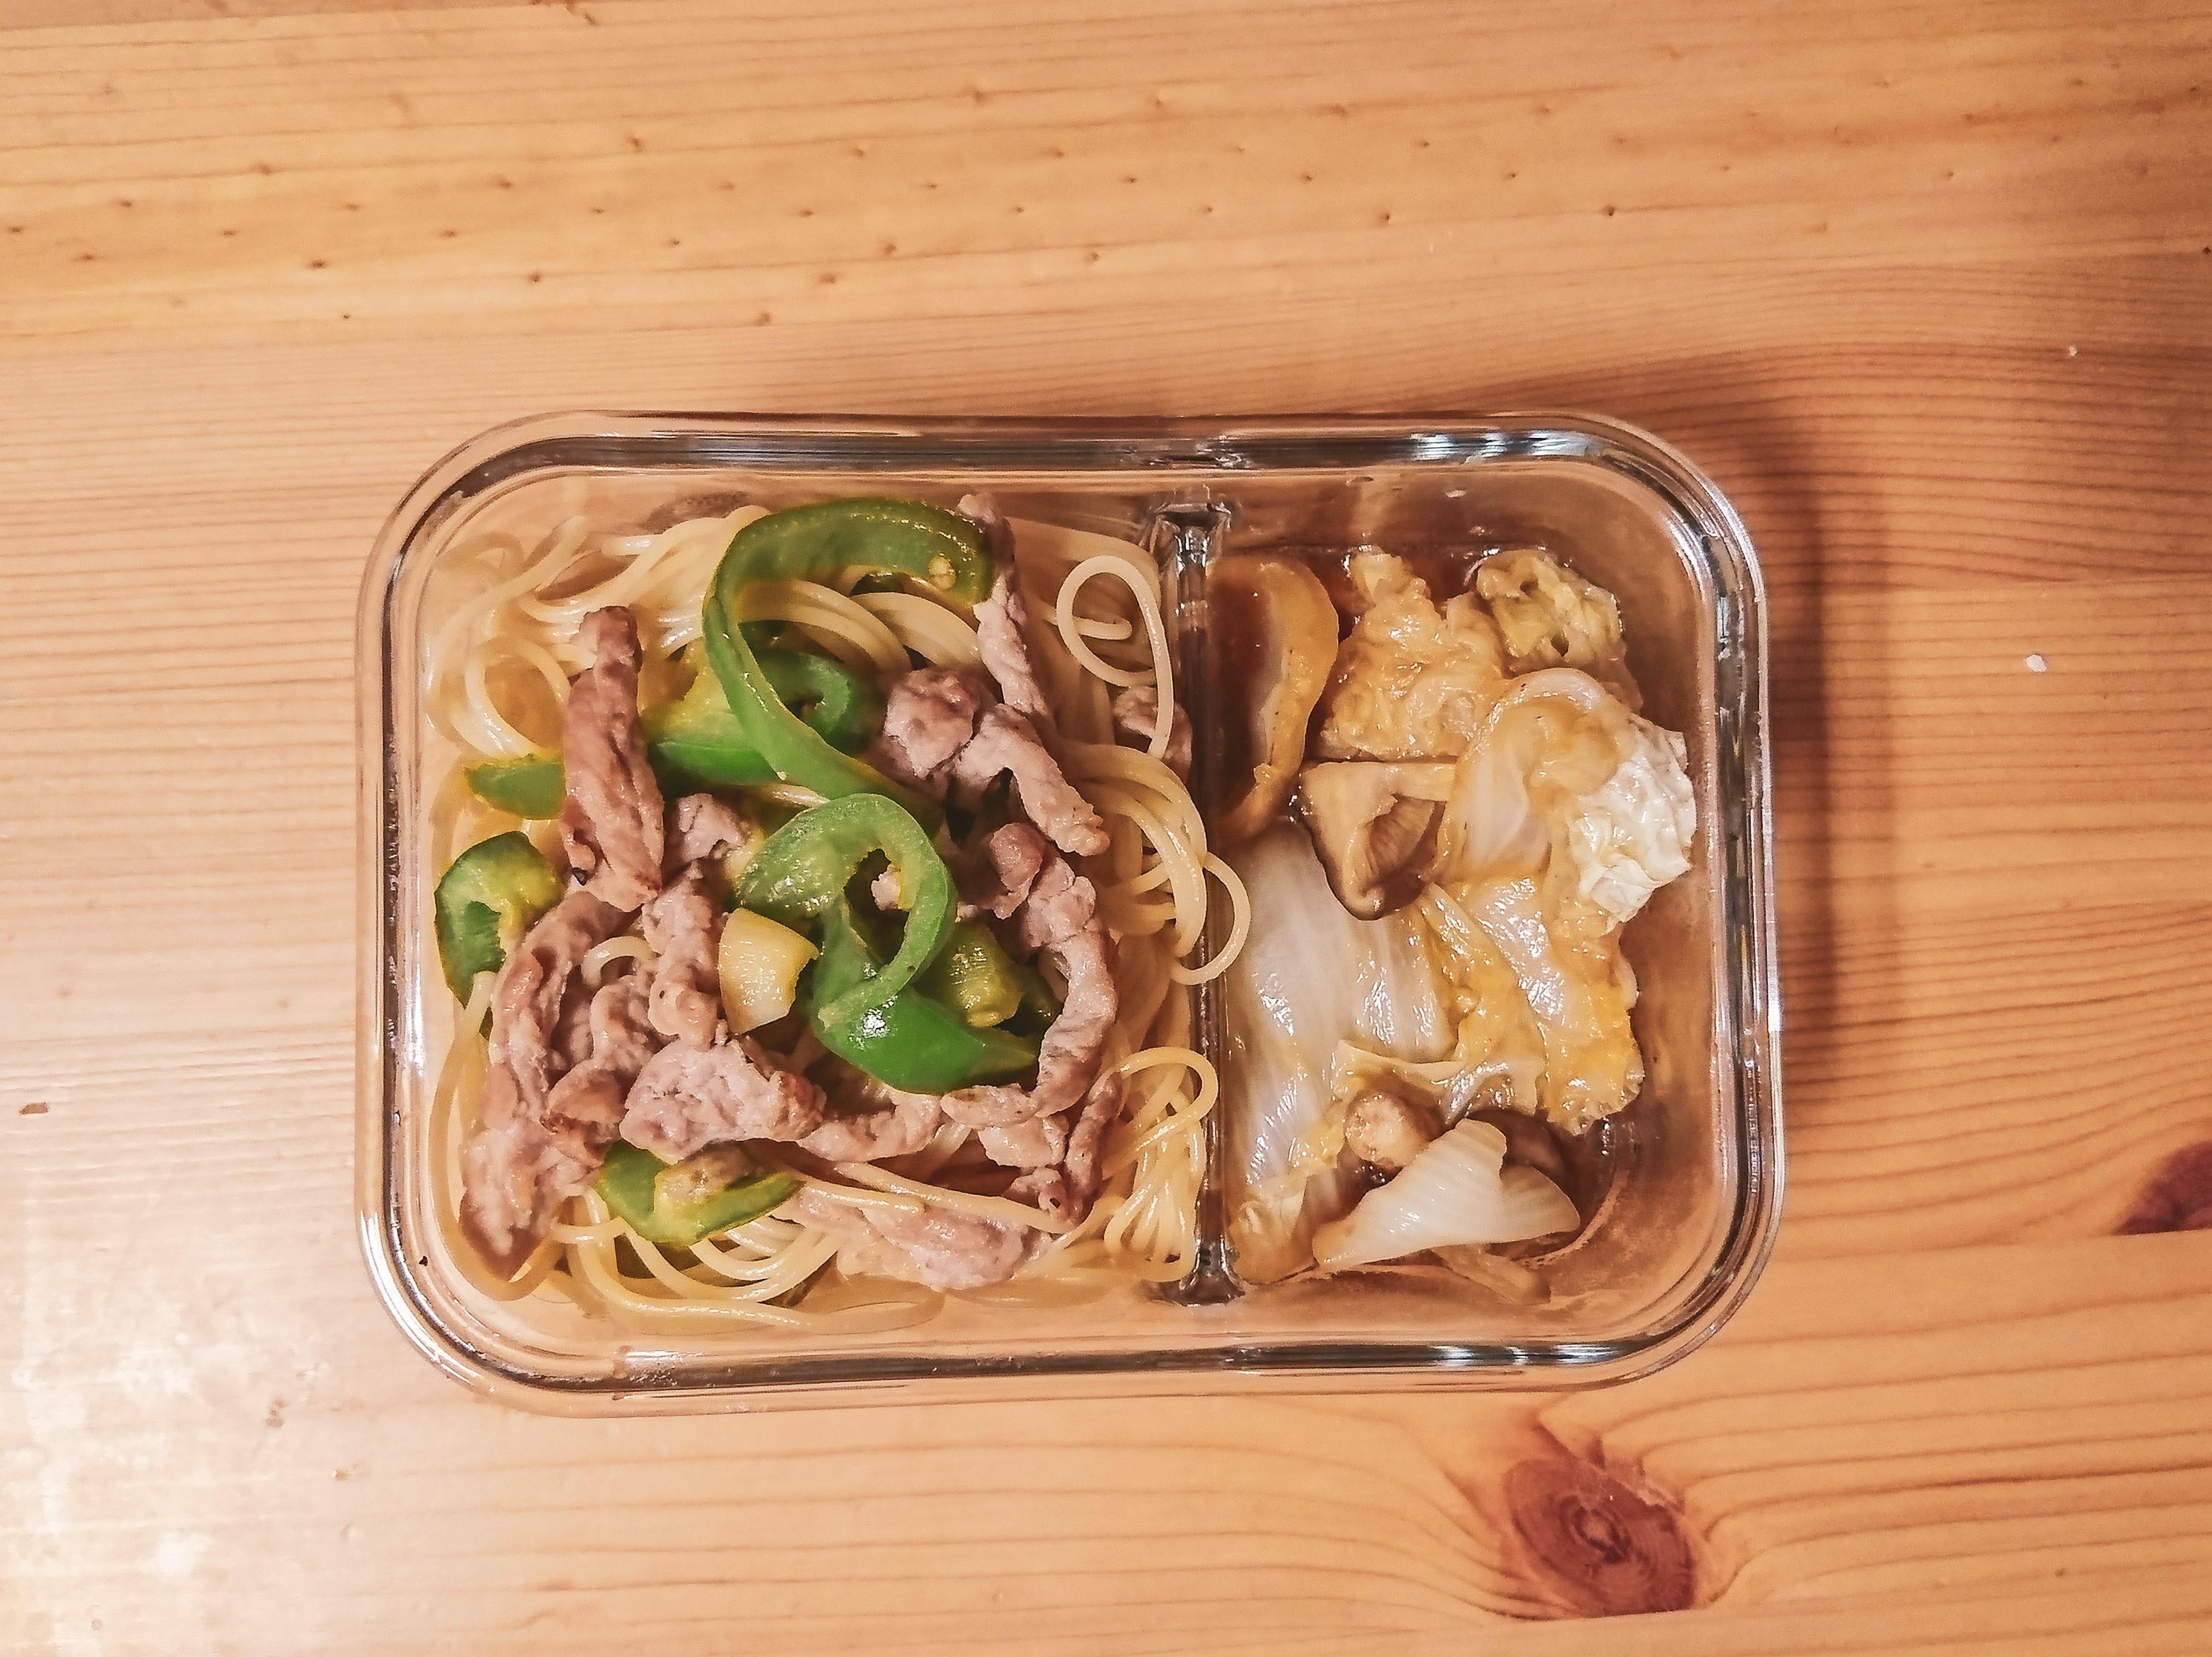 【便當】青椒肉絲義大利炒麵+白菜滷